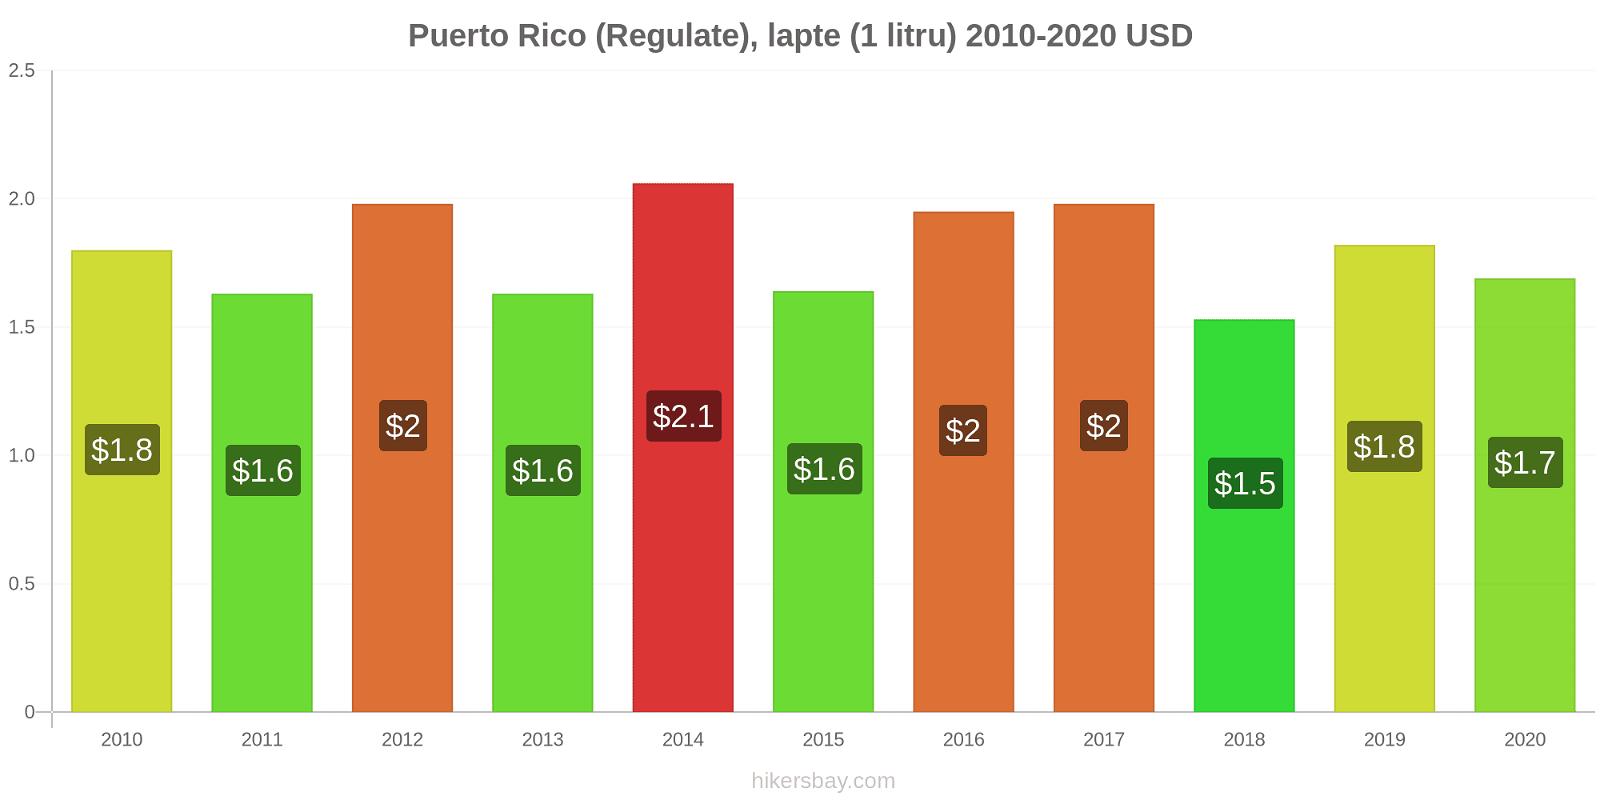 Puerto Rico modificări de preț (Regulate), lapte (1 litru) hikersbay.com